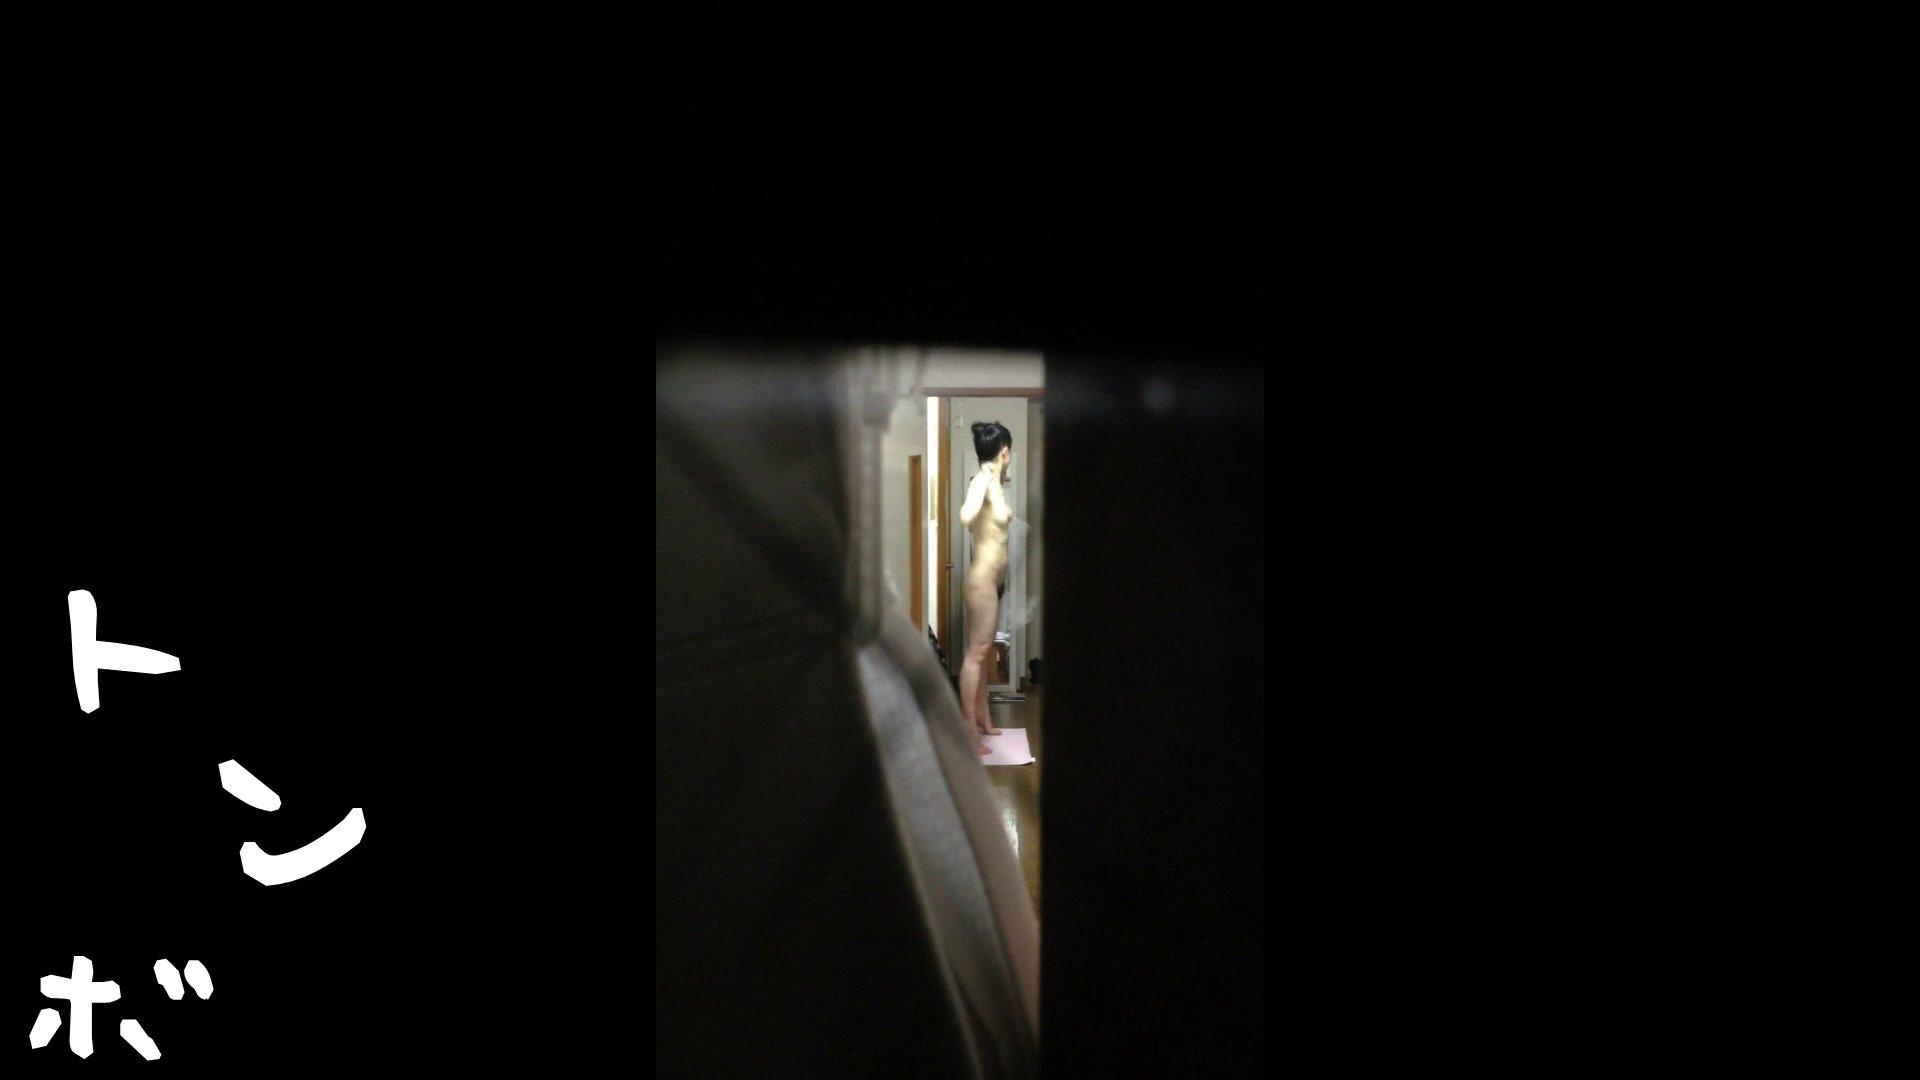 【リアル盗撮】元ジュディマリのYIUKI似 某歌手丸秘ヌード 潜入エロ調査   美女達のヌード  61連発 44